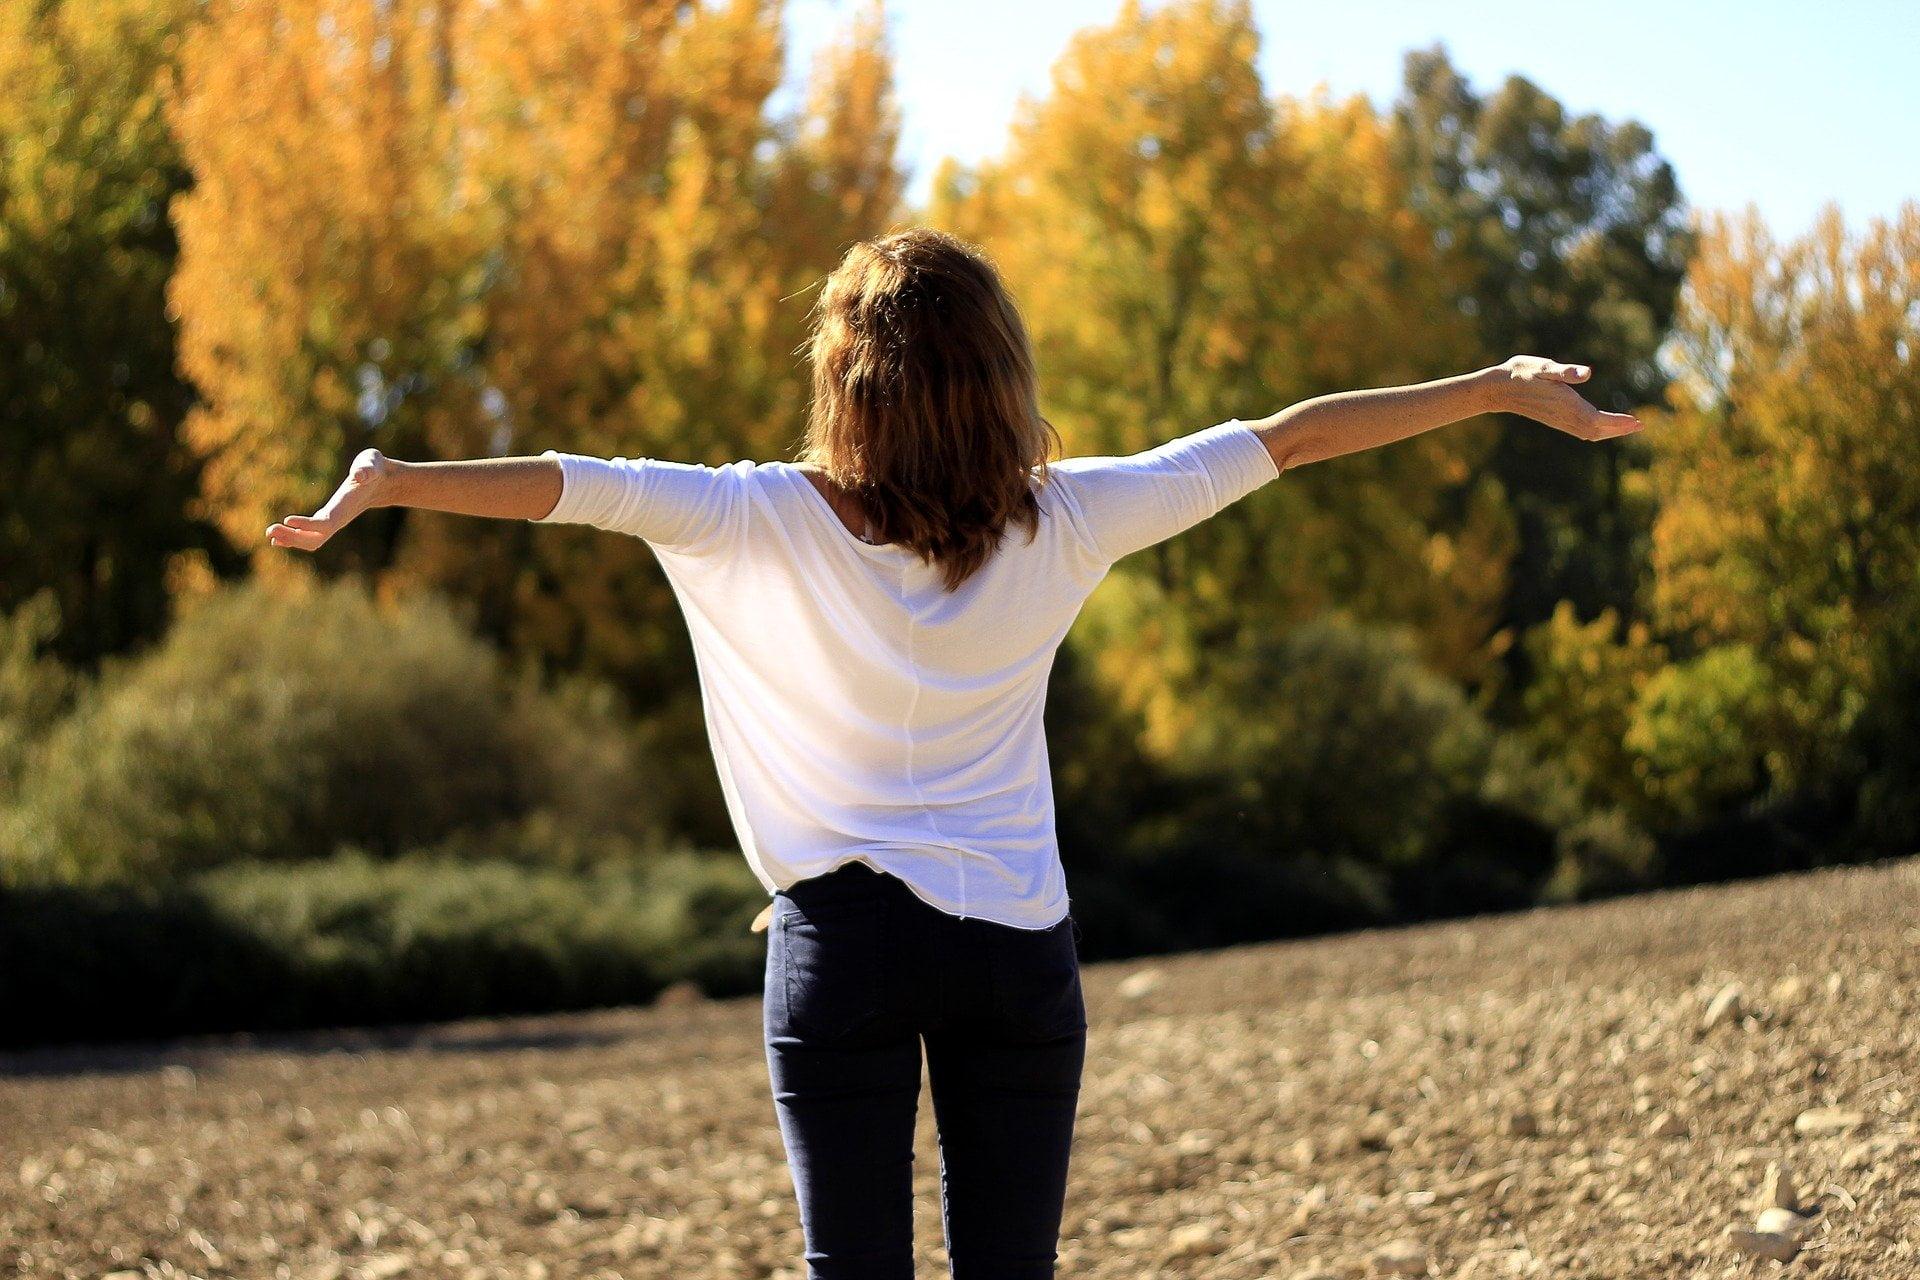 Kobieta w białej bluzce i jeansach stoi tyłem, ma otwarte ramiona, wyraża tym radość i wdzięczność za to co posiada. Jej wzrok skierowany jest na drzewa, symbolizując pełnie życia